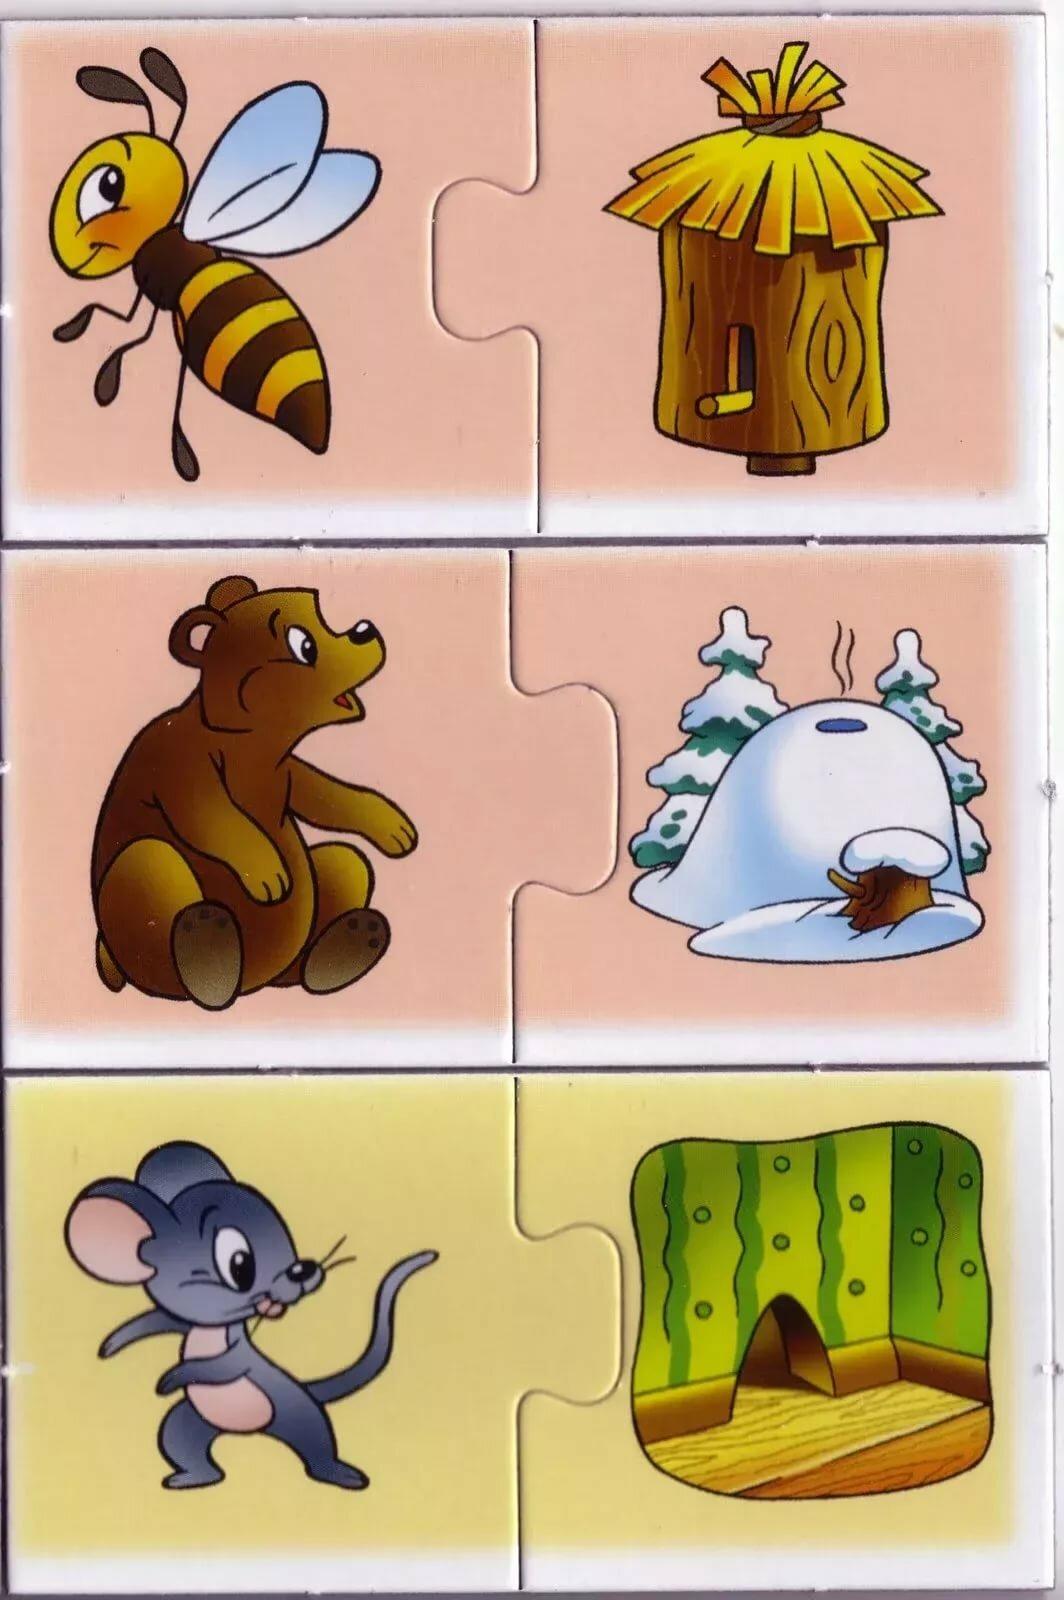 здесь картинки для дидактической игре где чей домик мыс